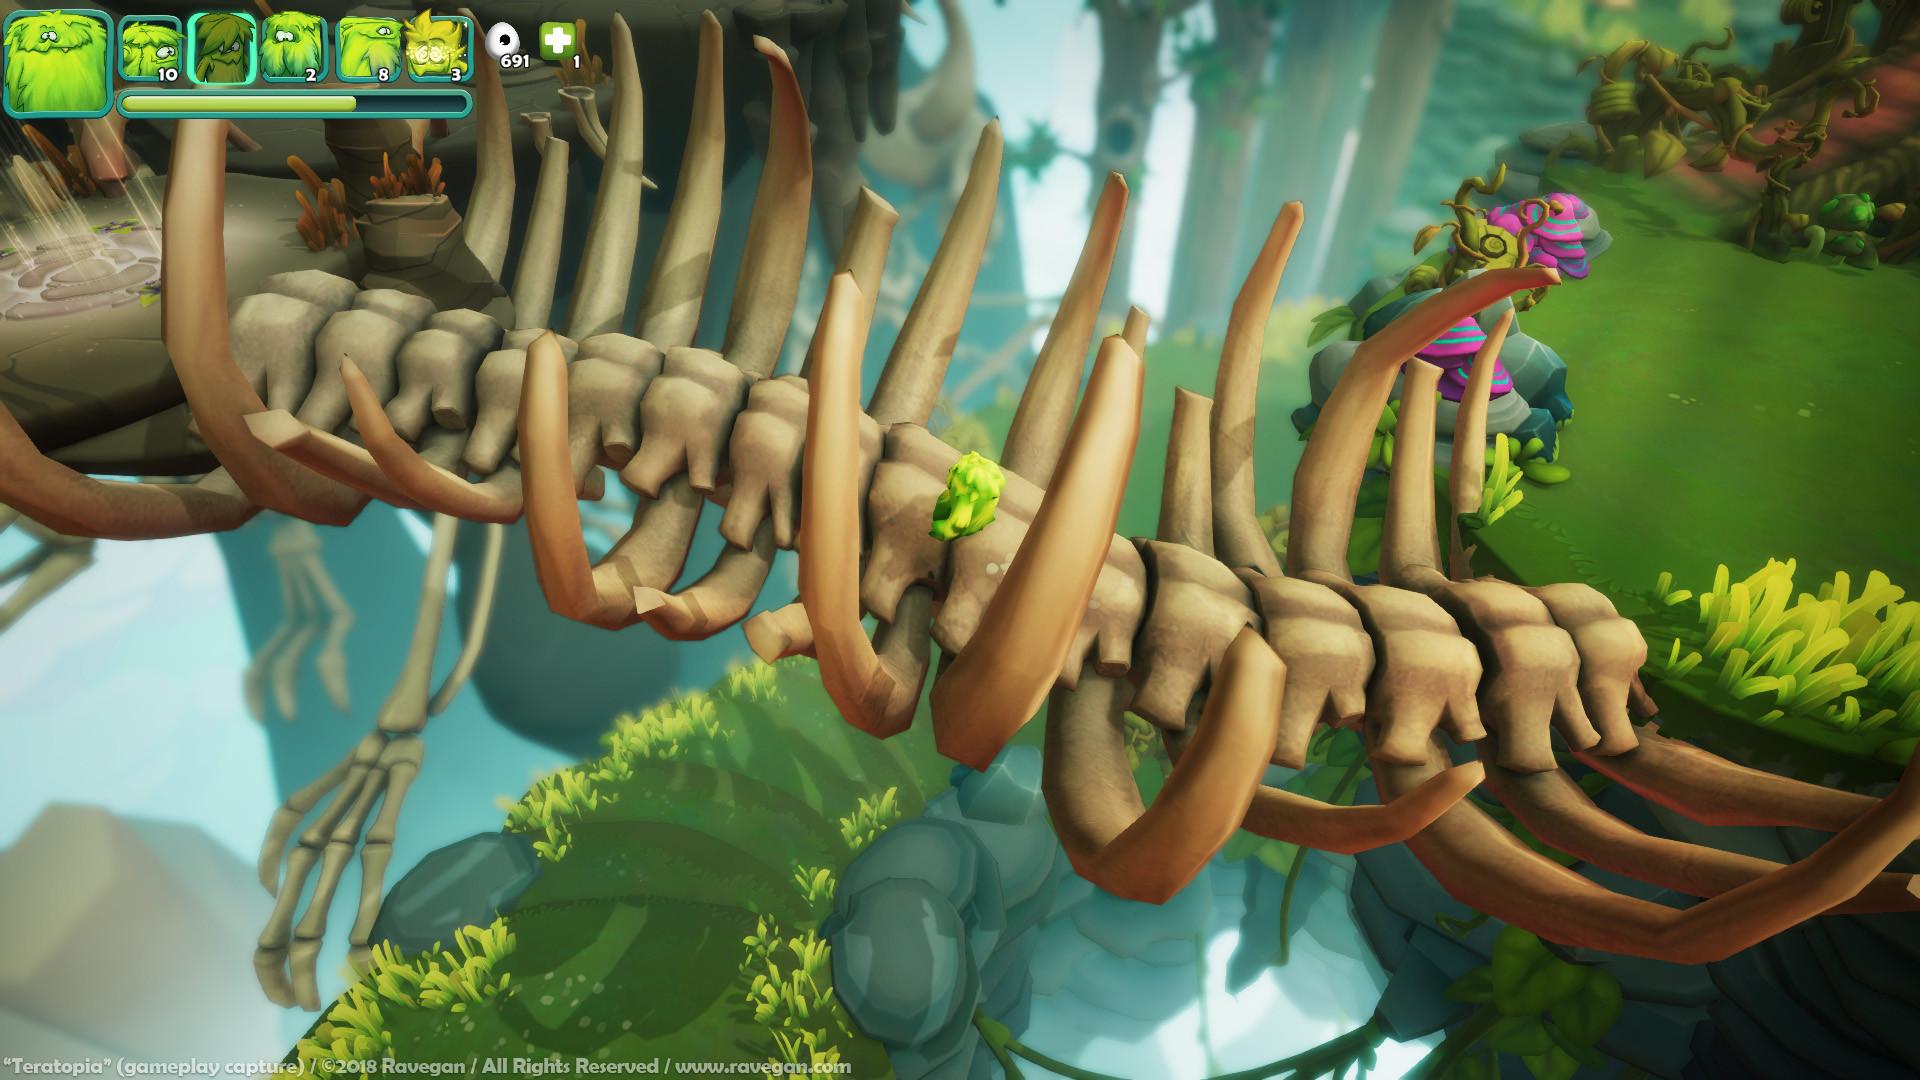 Ravegan games teratopia screenshot 006